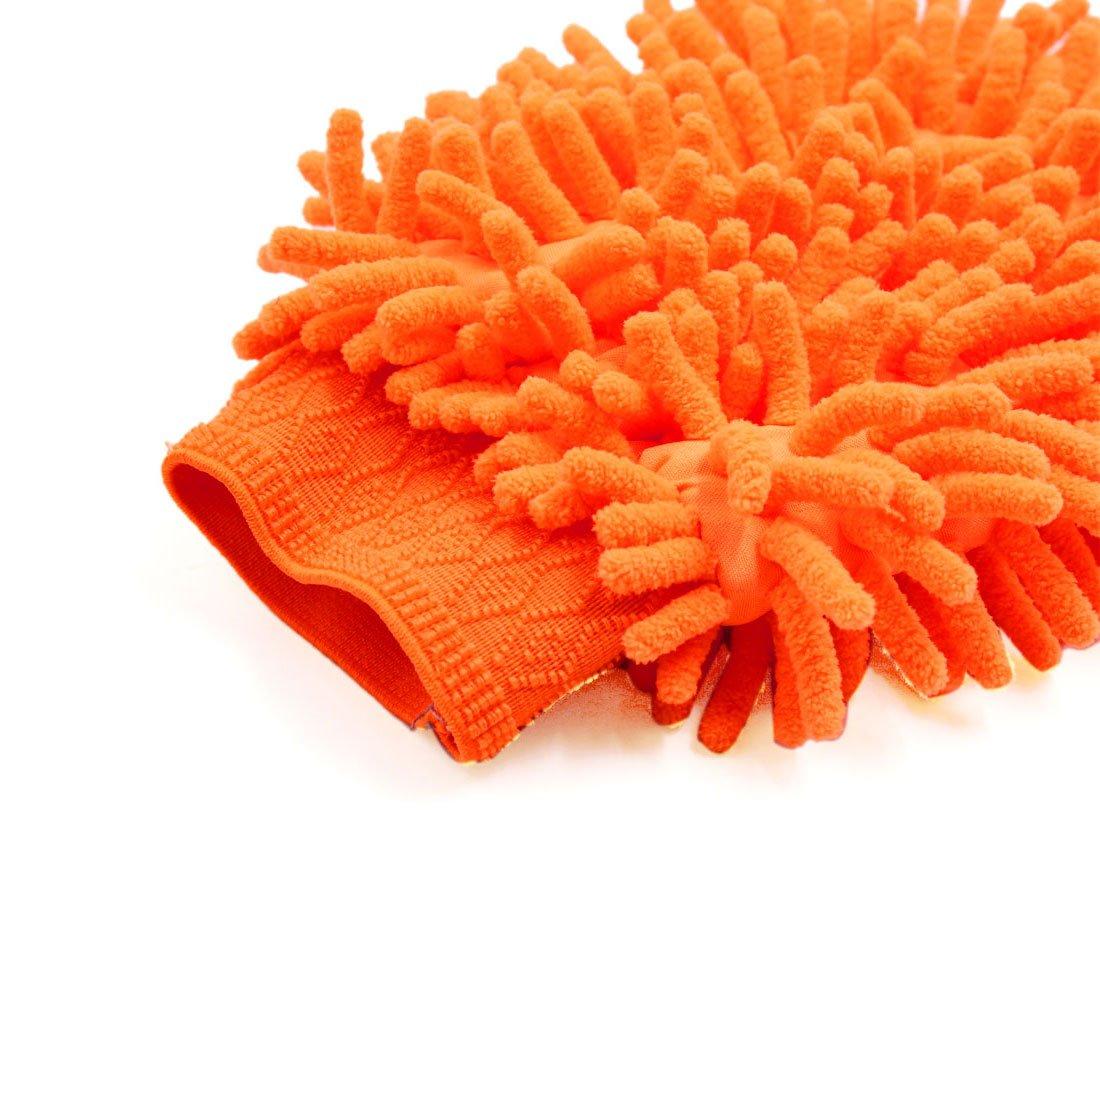 sourcing map Gant de Nettoyage Double Face Lavage de Voiture de mitaine de Chenille Microfibre Orange